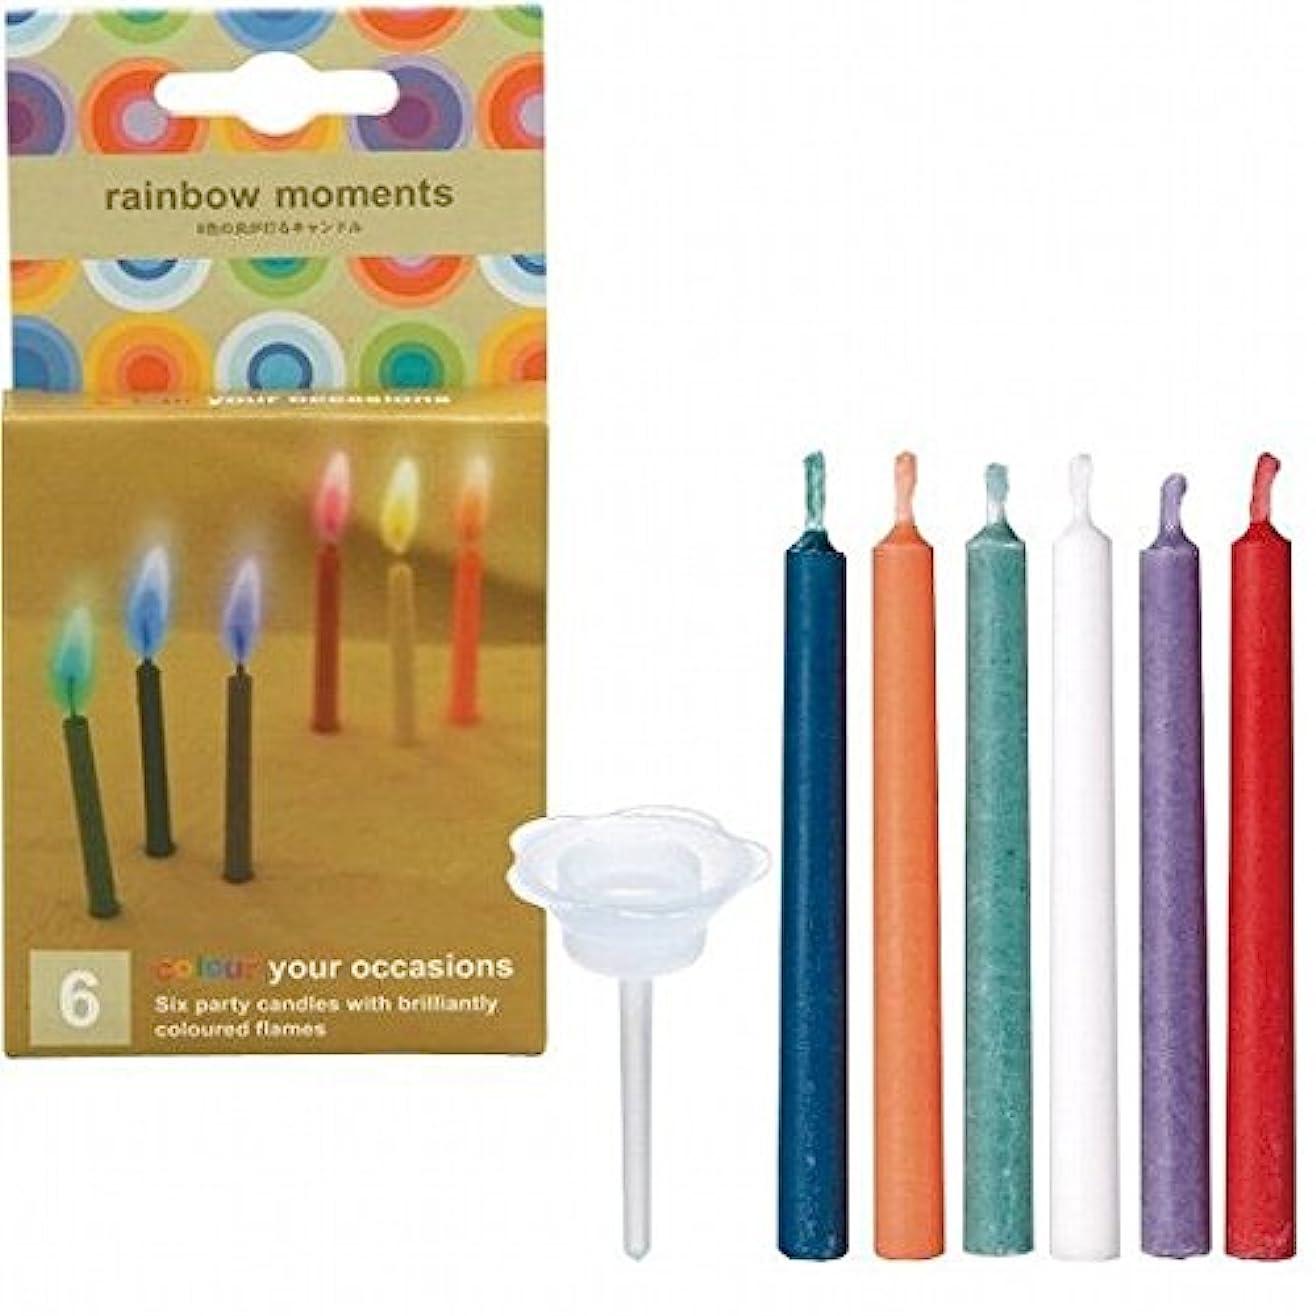 はしごただずっとkameyama candle(カメヤマキャンドル) rainbowmoments(レインボーモーメント)6色6本入り 「 6本入り 」 キャンドル(56050000)